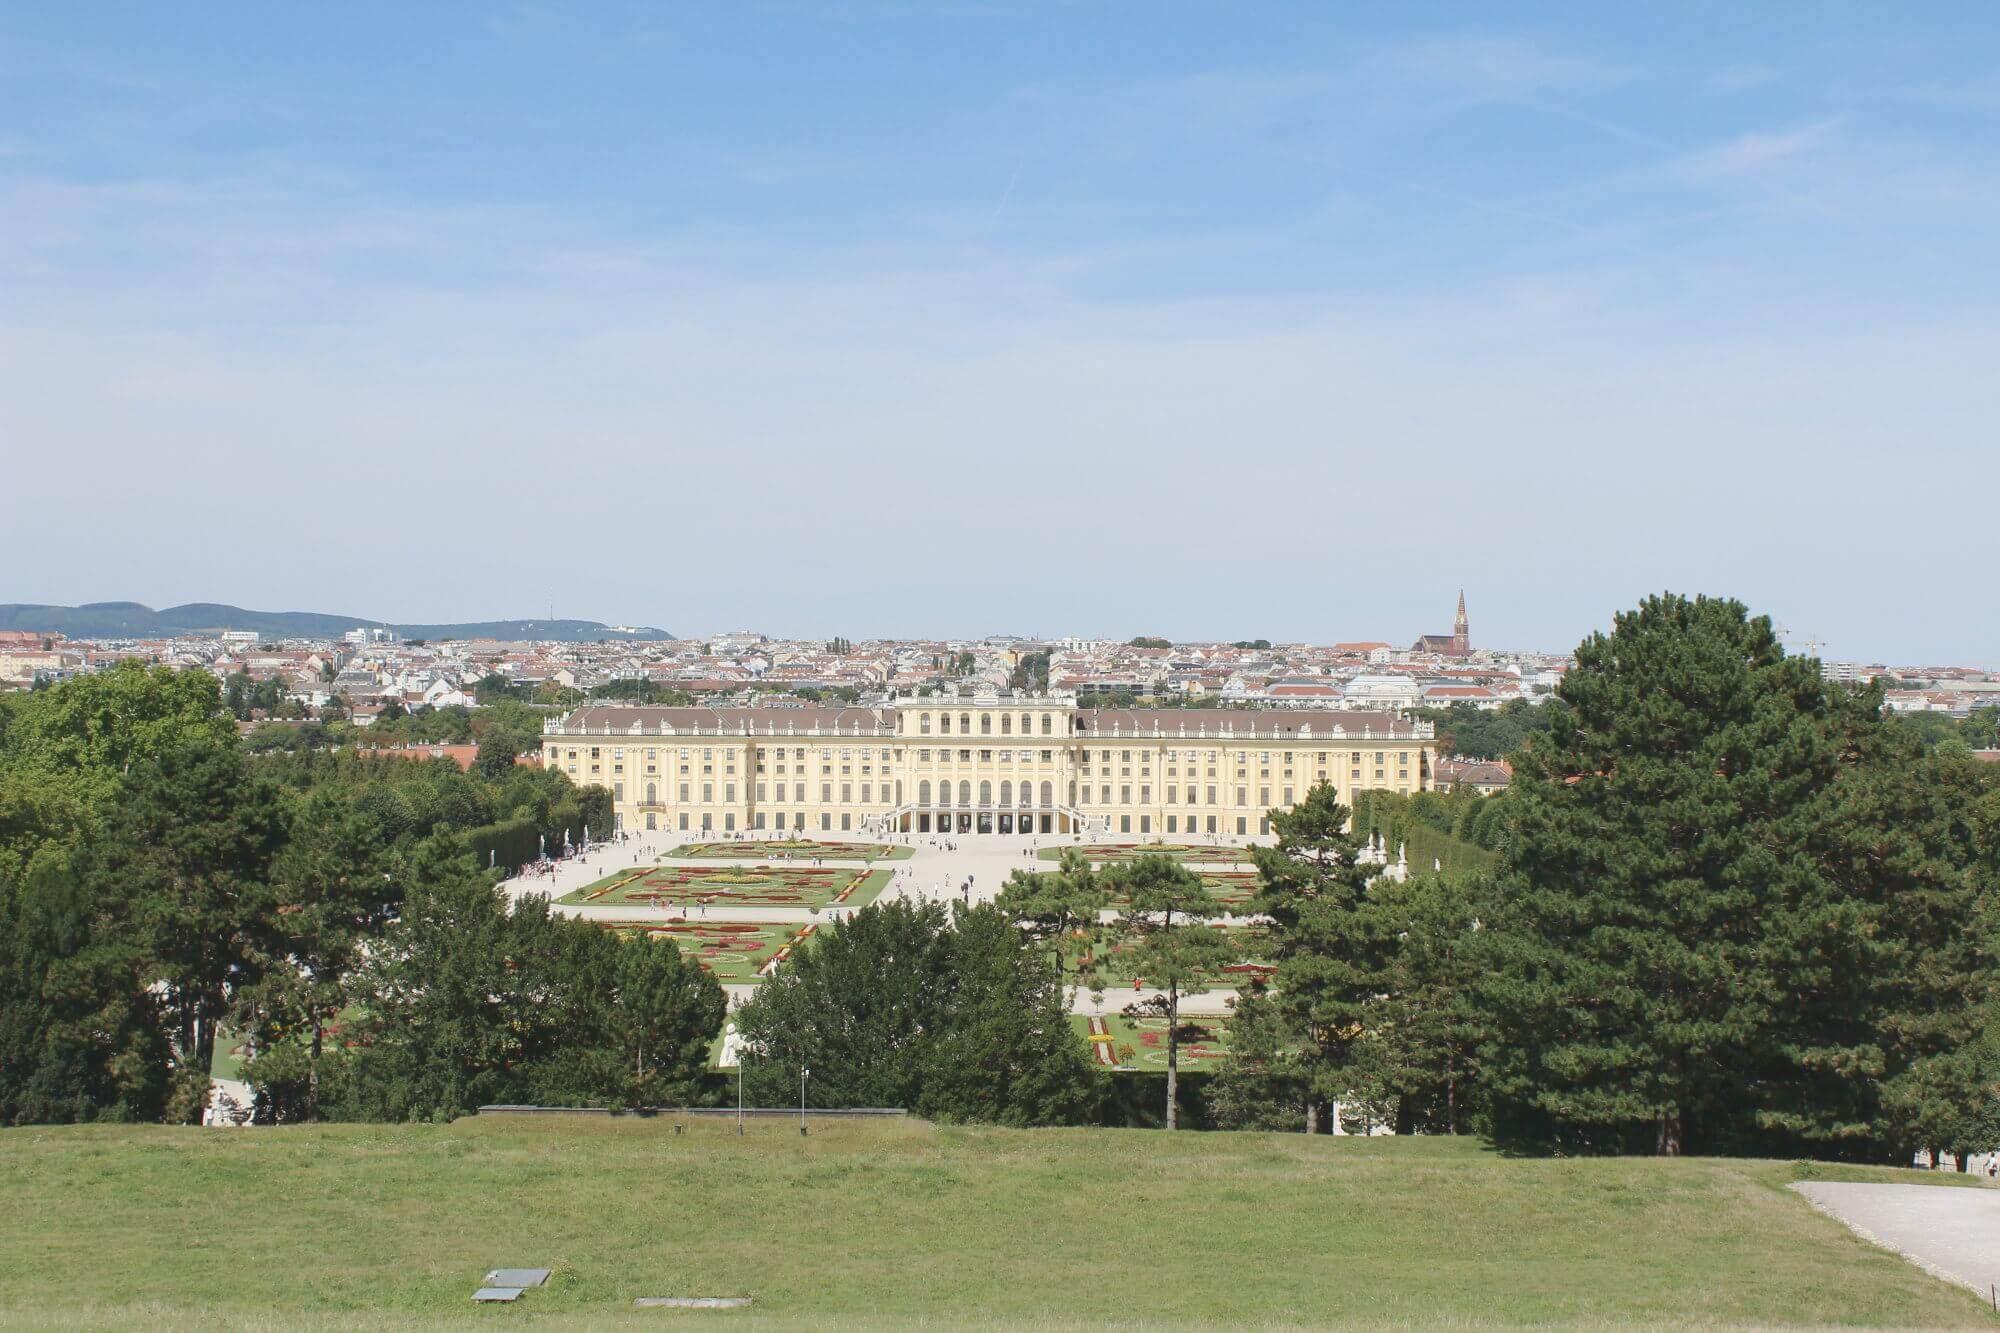 Ausblich von Gloriette auf das Schloss Schönbrunn mit Gärten in Wien